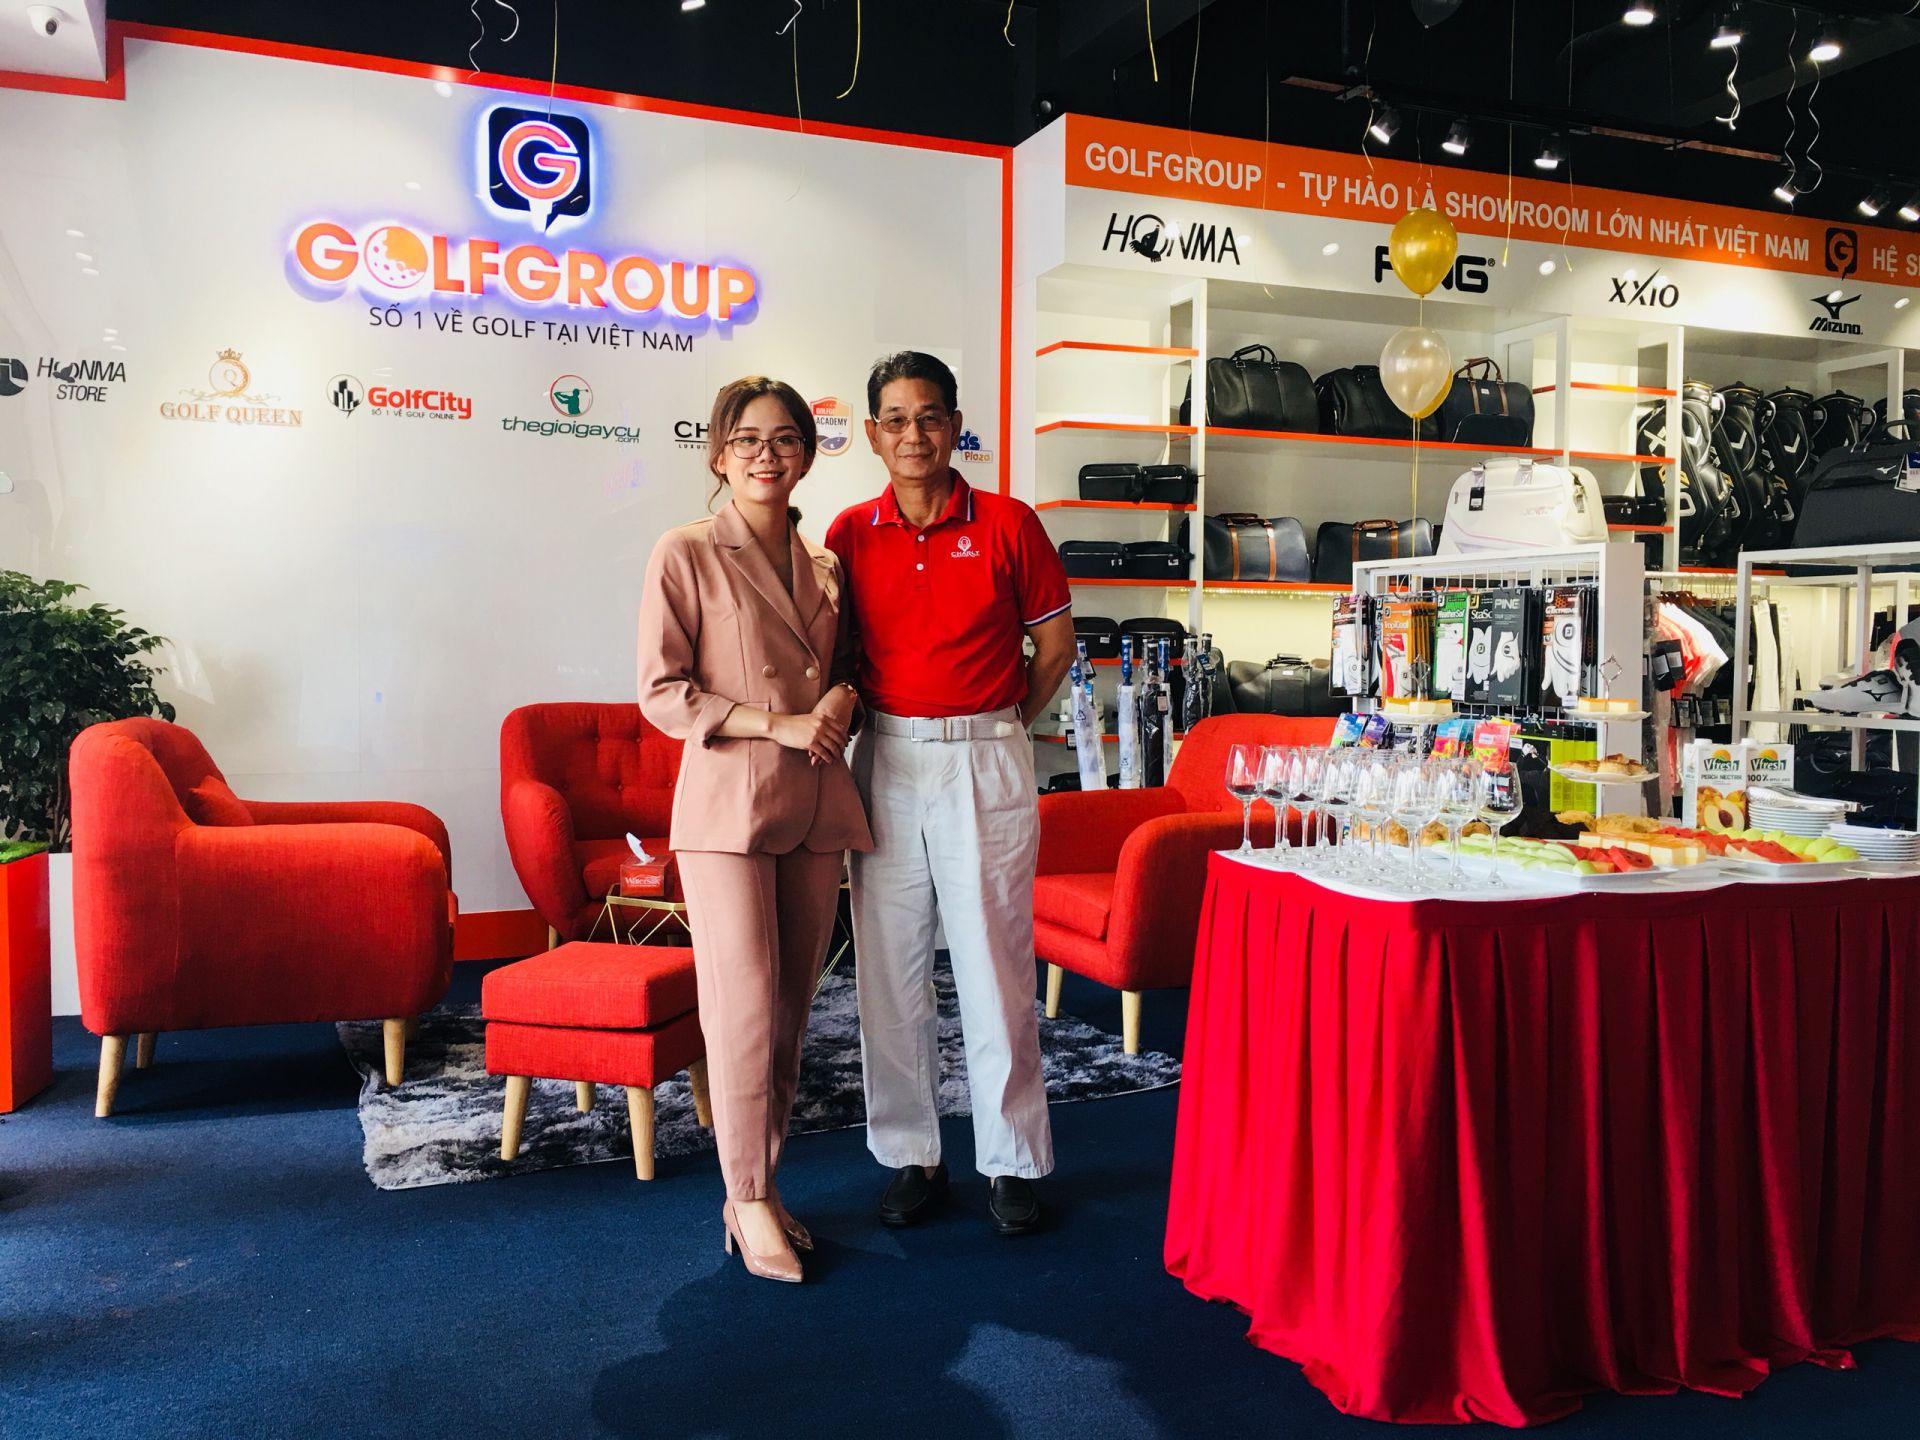 Golfgroup vinh hạnh đón tiếp HLV Ngô Chí Dũng tham dự lễ khai trương showroom tại HCM!